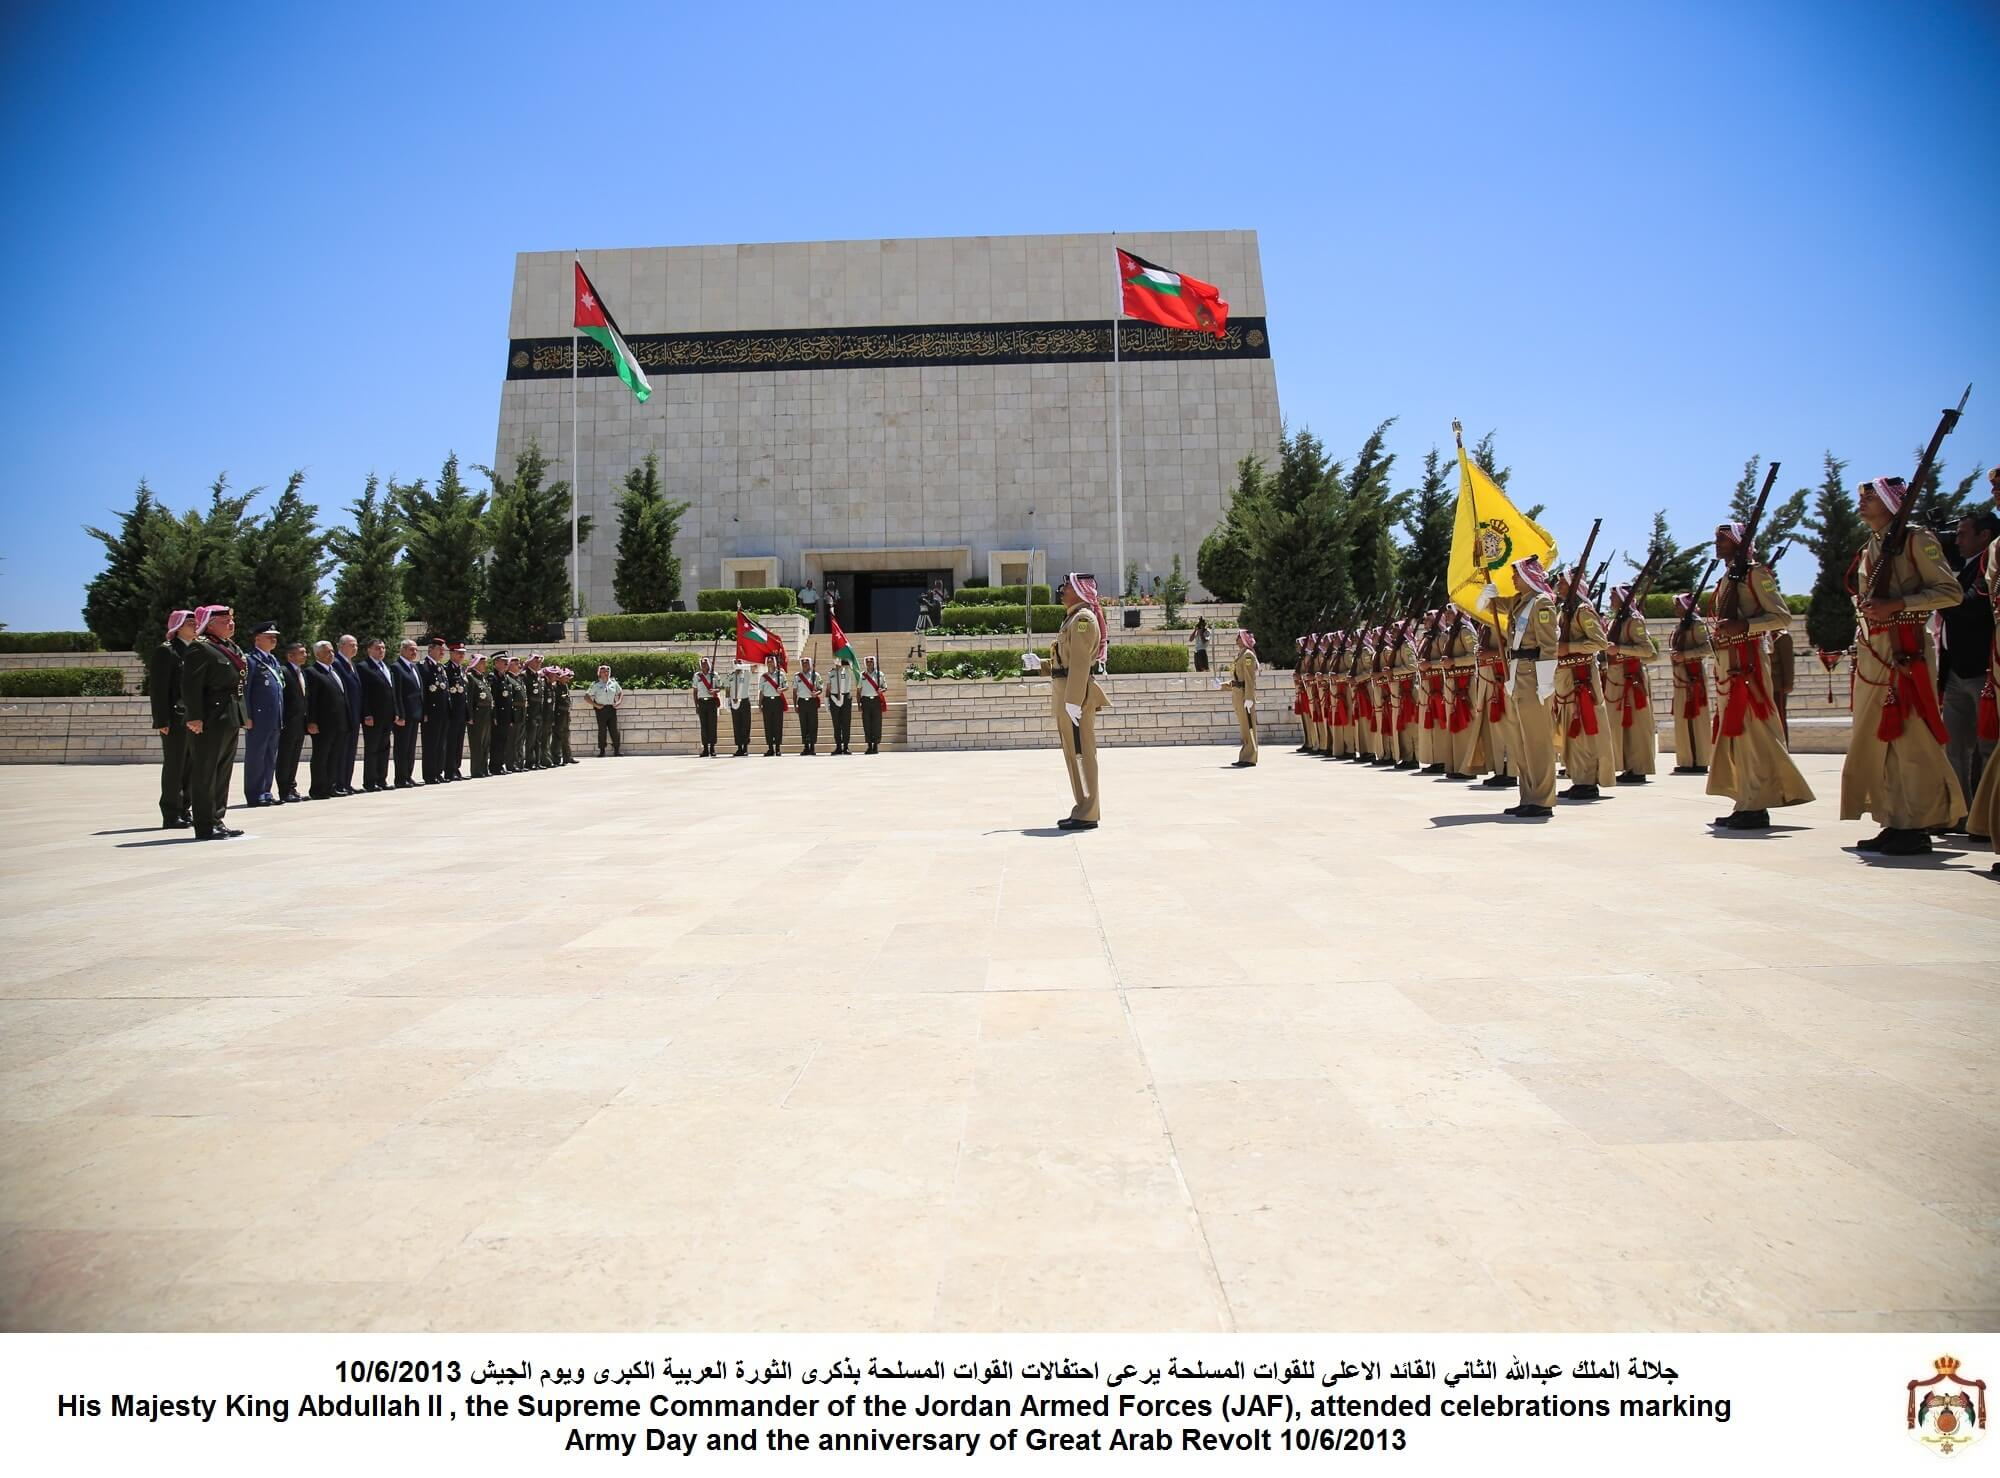 الملك عبد الله الثاني في احتفالات ذكرى الثورة العربية الكبرى